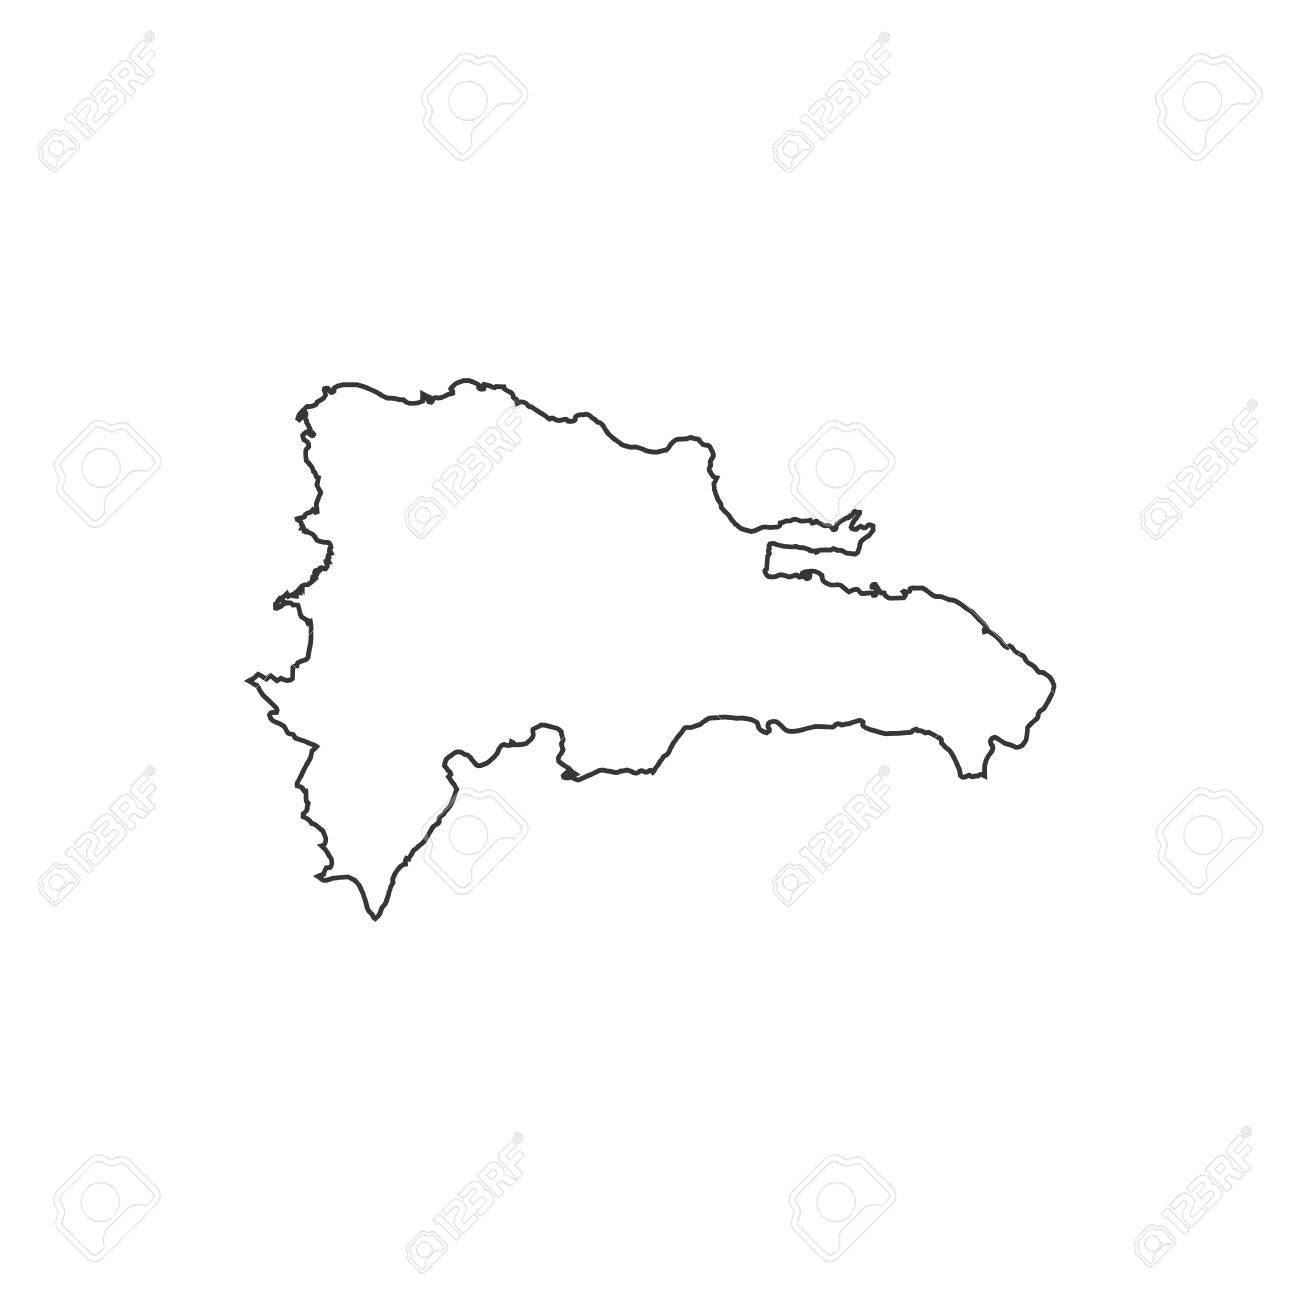 Mapa De Republica Dominicana En Blanco.Ilustracion De La Silueta Del Mapa De La Republica Dominicana En El Fondo Blanco Ilustracion Vectorial